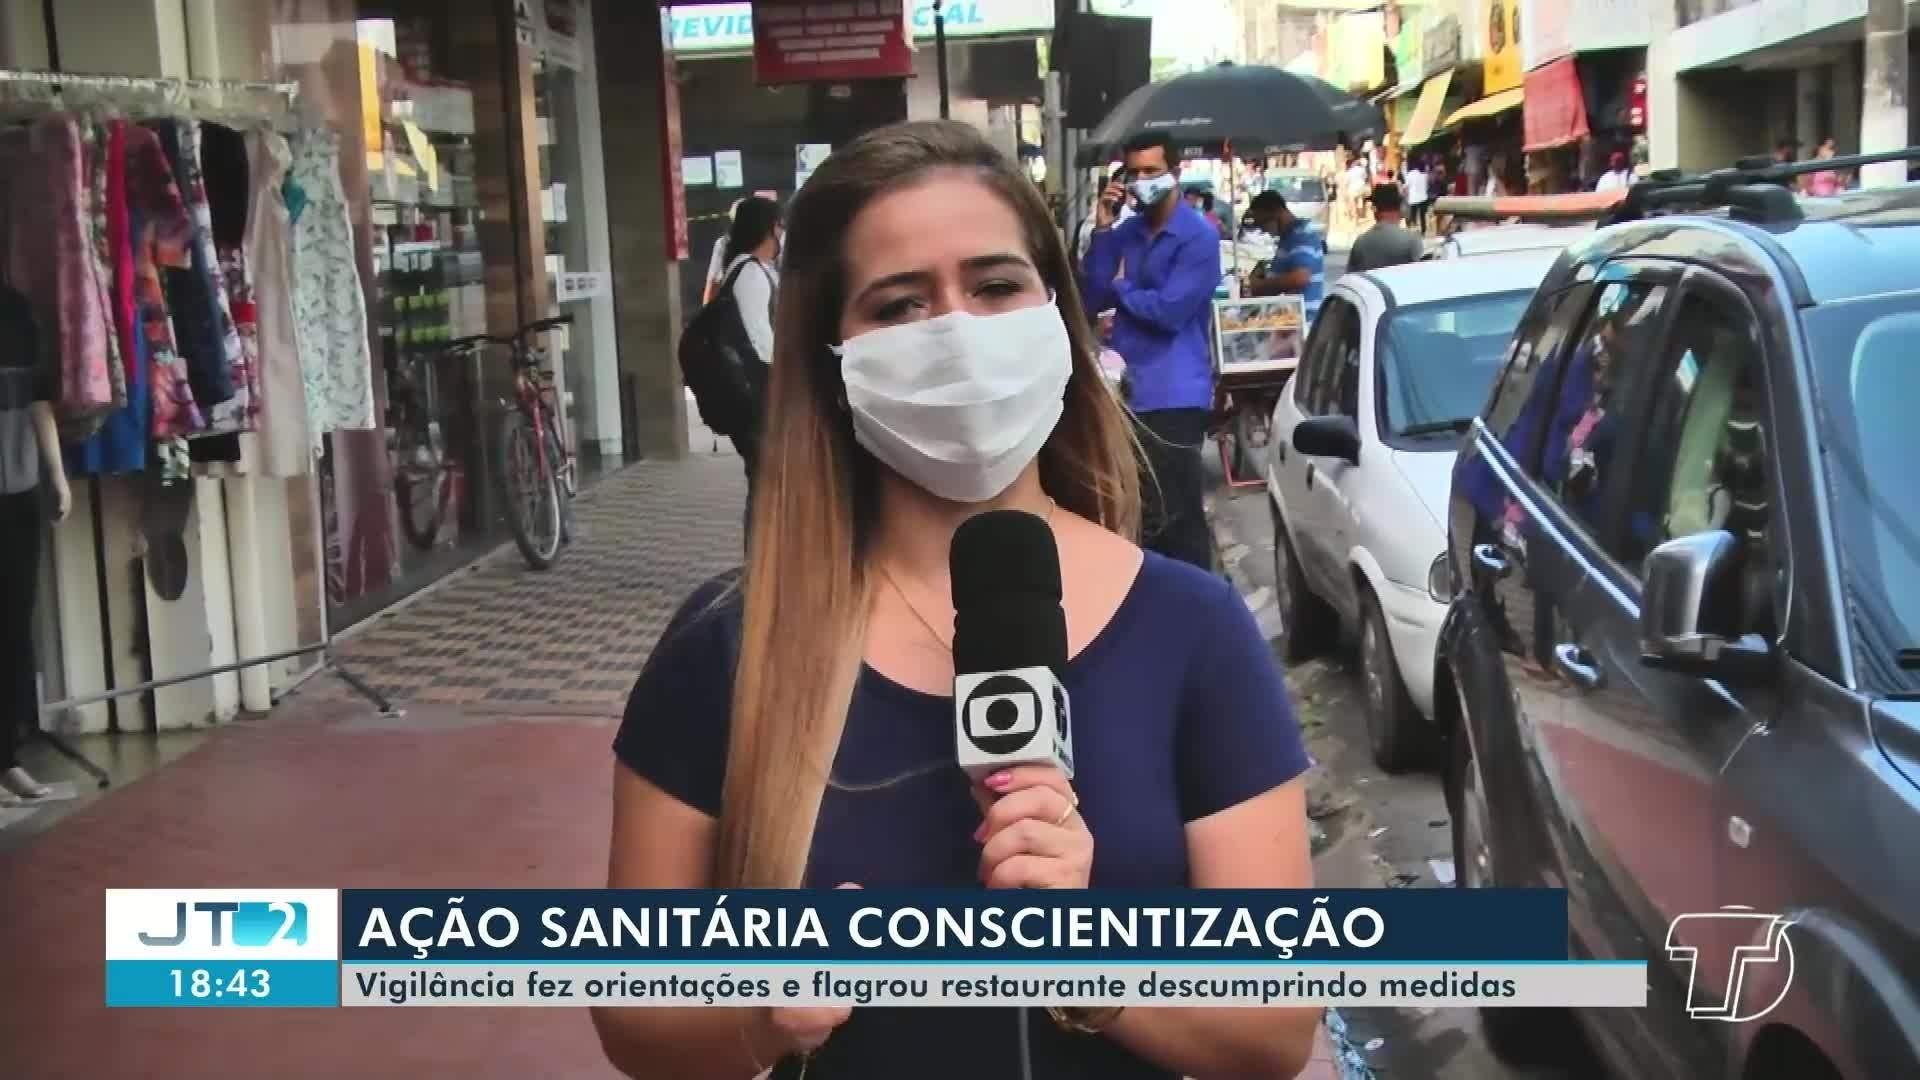 VÍDEOS: Jornal Tapajós 2ª Edição de quarta-feira, 5 de agosto de 2020